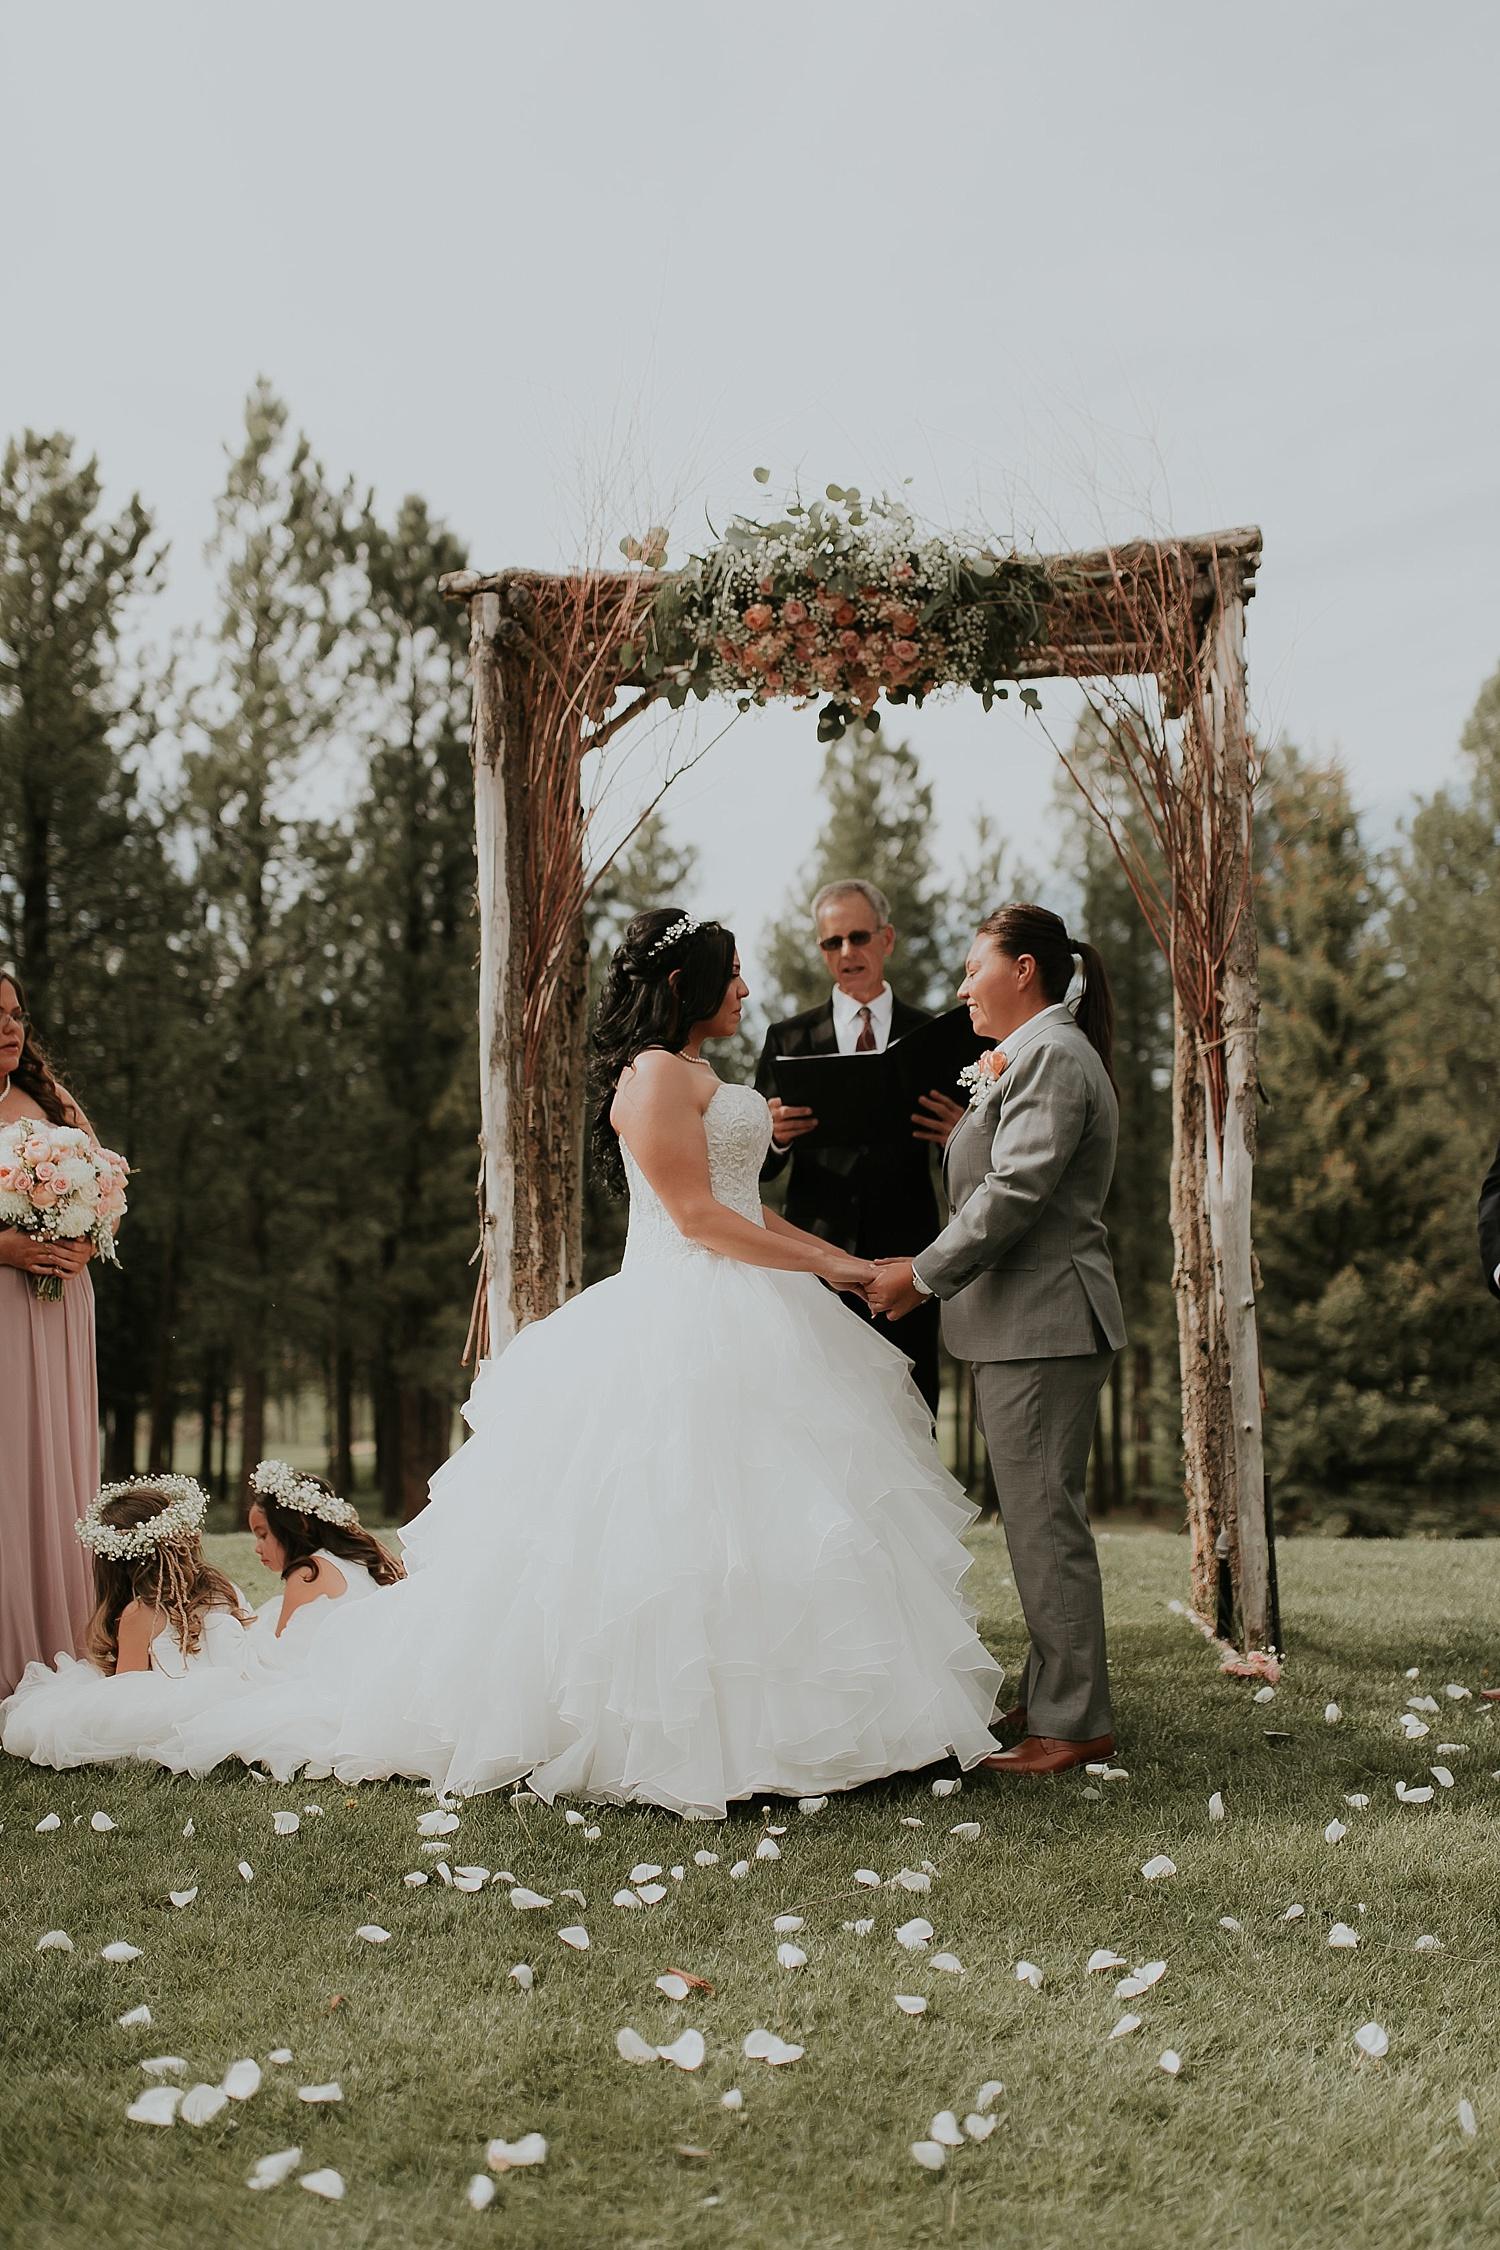 Alicia+lucia+photography+-+albuquerque+wedding+photographer+-+santa+fe+wedding+photography+-+new+mexico+wedding+photographer+-+angel+fire+wedding_0029.jpg